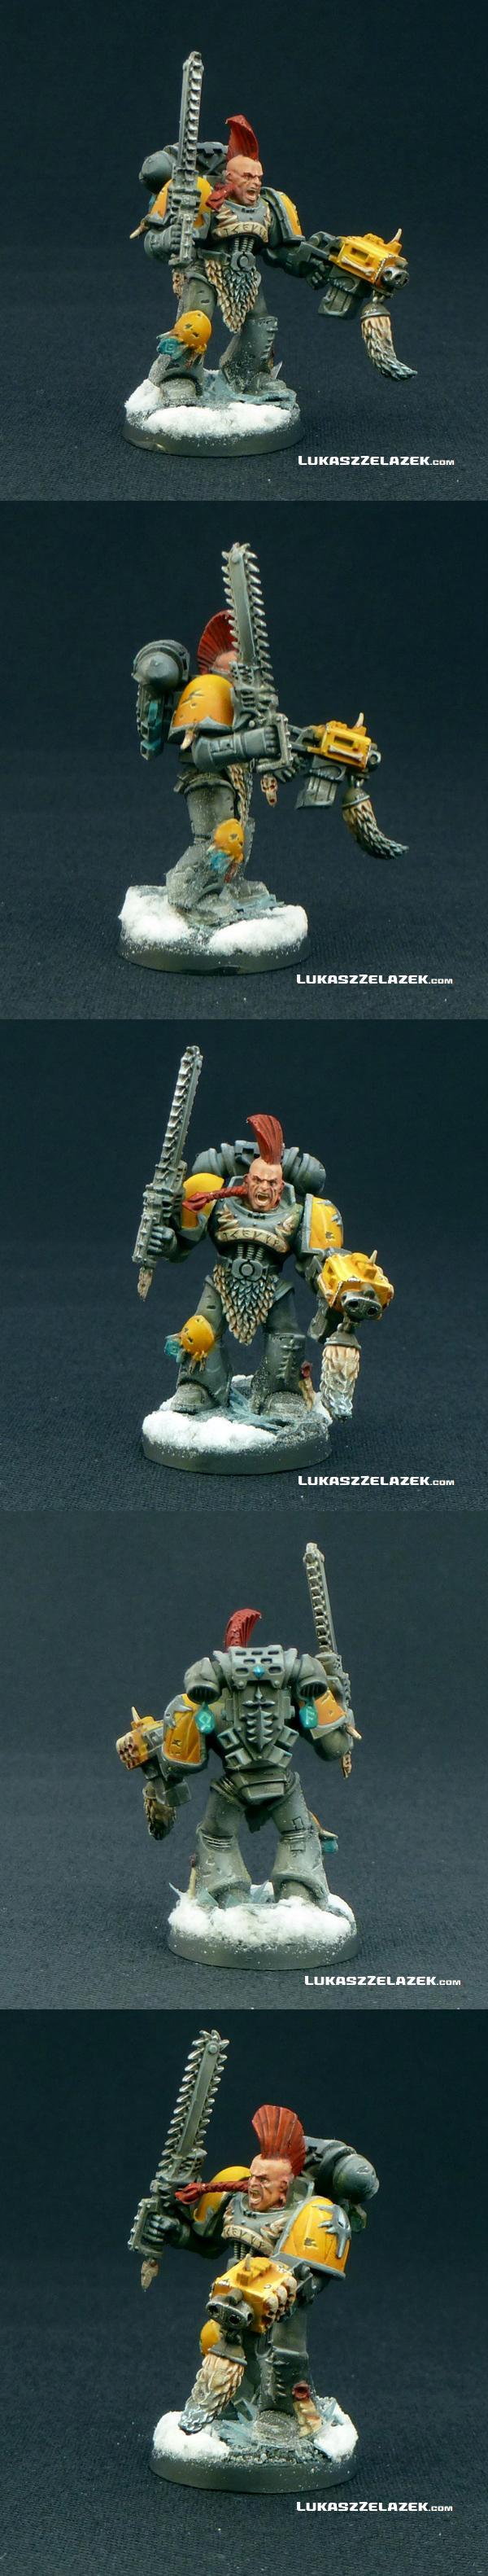 Chainsword, Ice, Space, Space Marines, Warhammer 40,000, Warhammer Fantasy, Winter, Wolfs